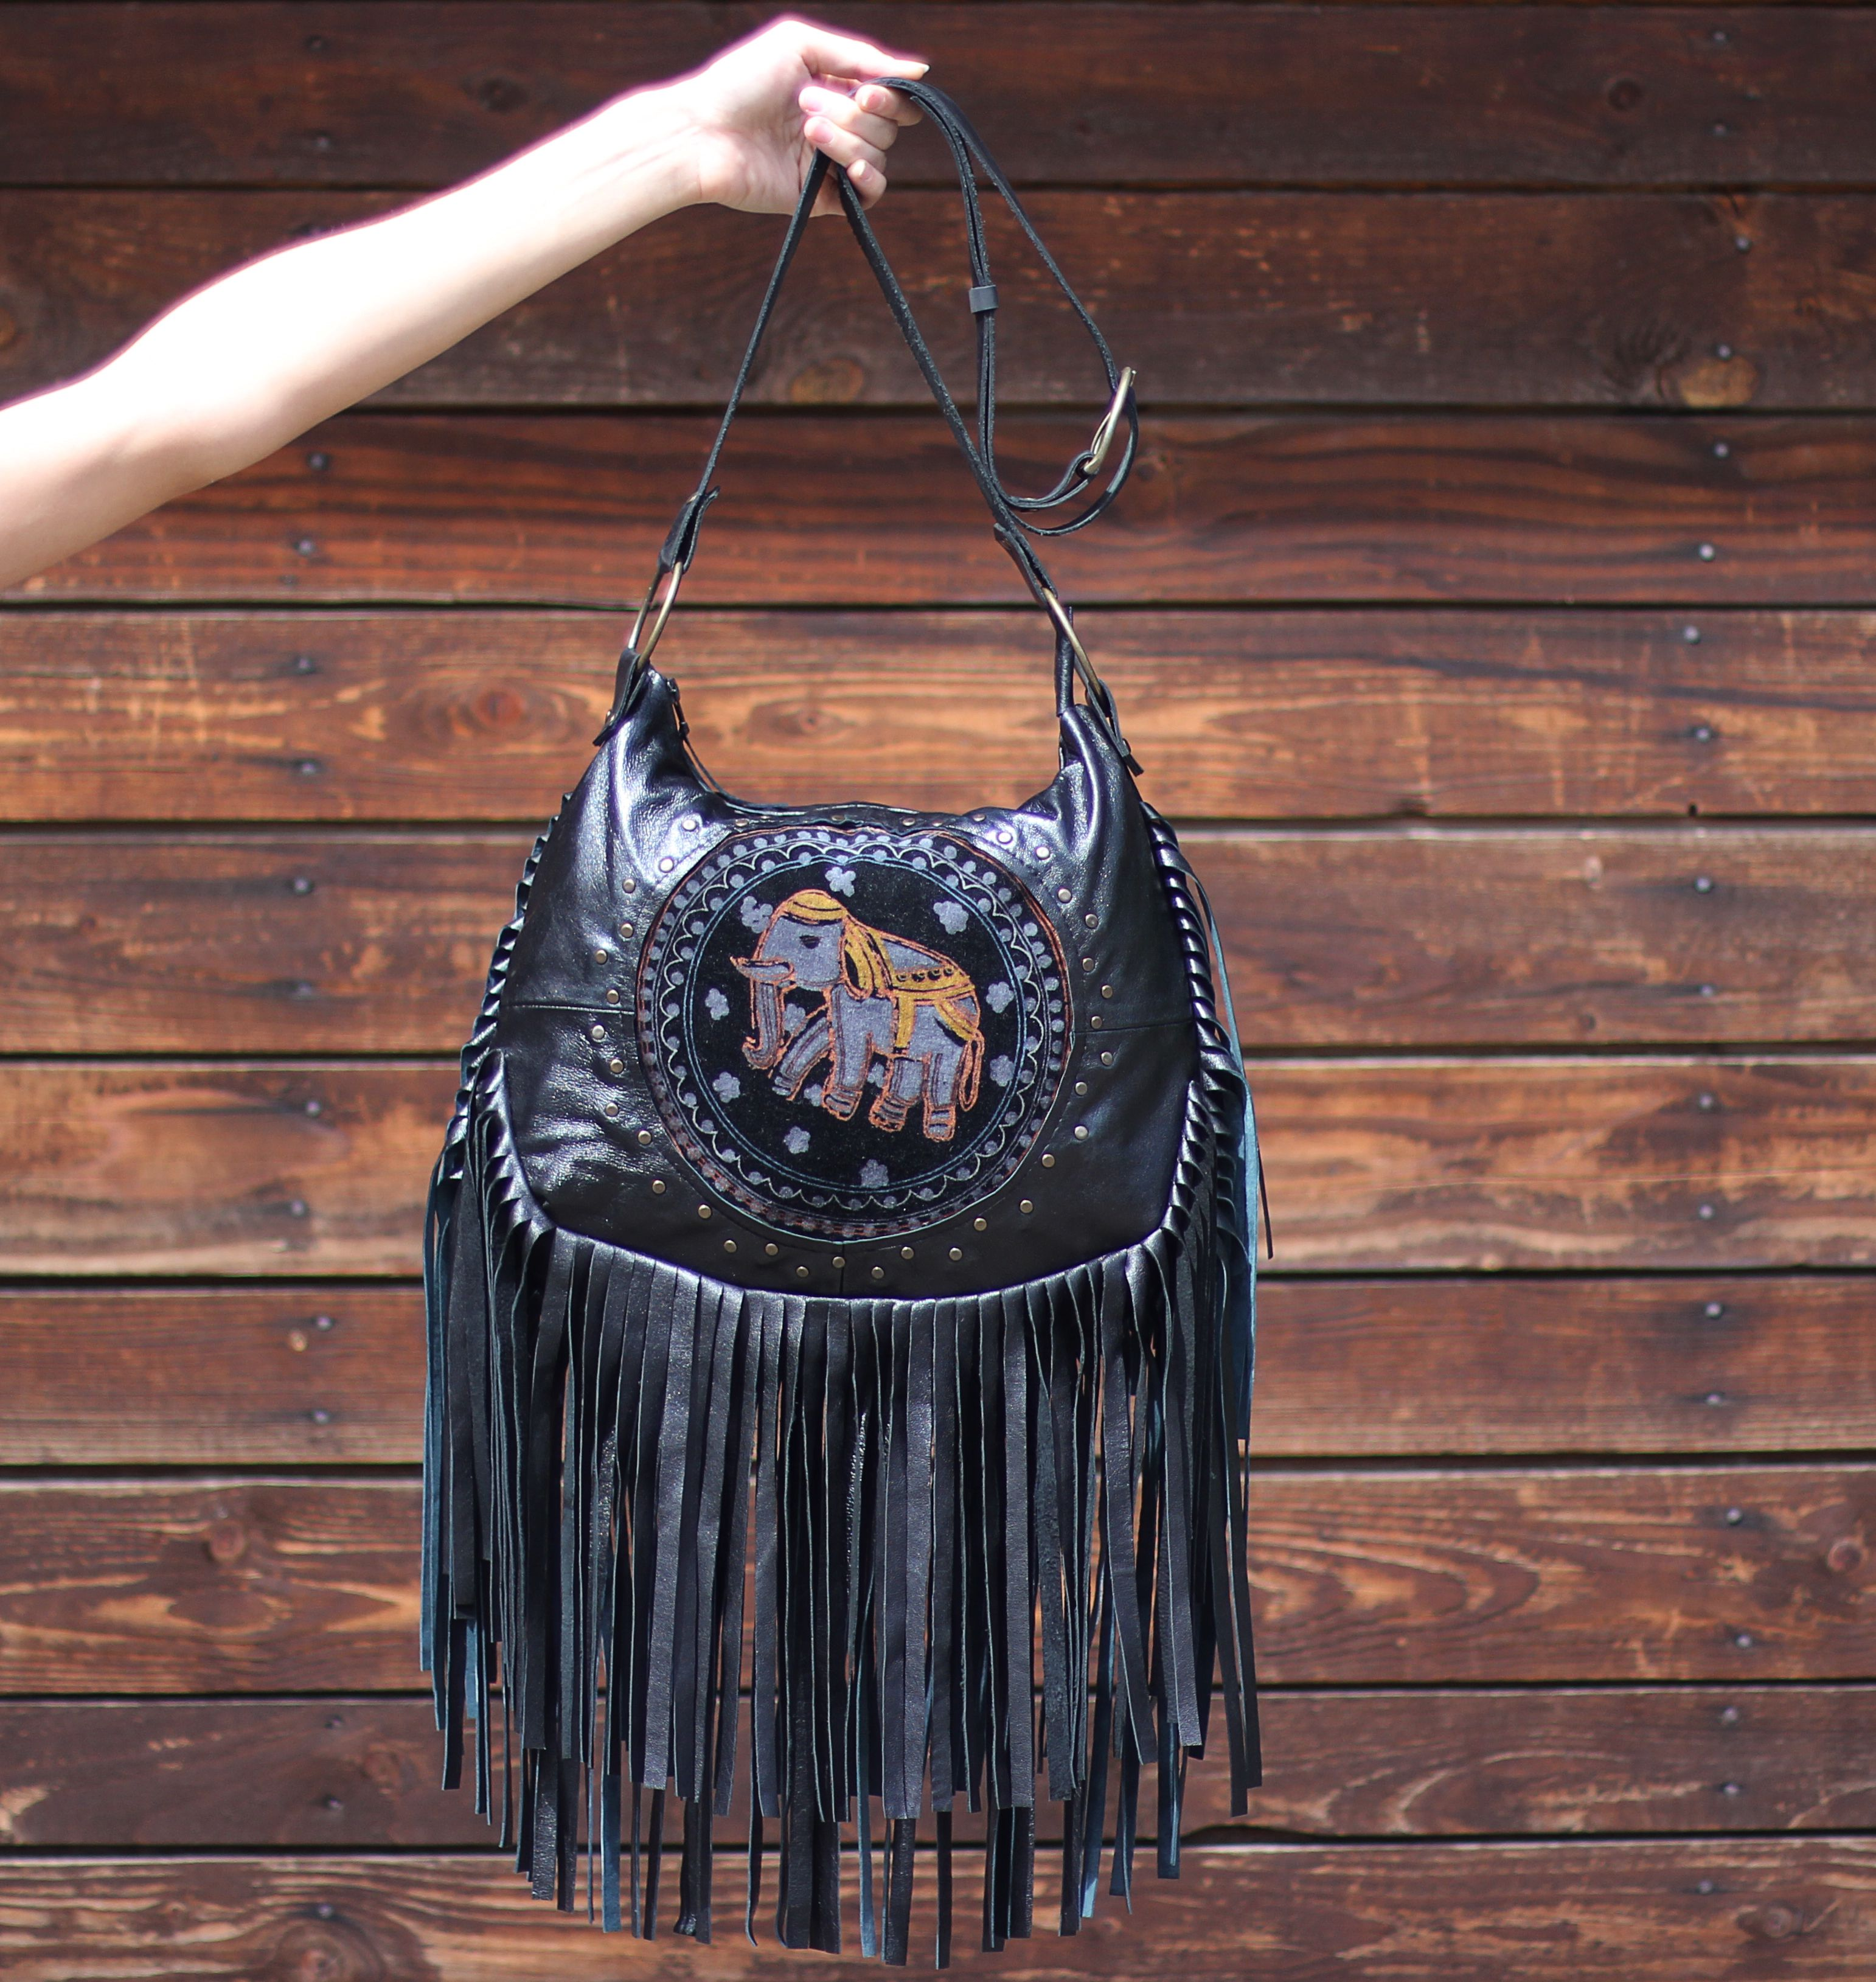 женская ручная сумка кожа бохостиль дизайнерская бахрома сумкасбахромой купитьподарок стильная яркая бохо авторская купитьсумку вместительная текстиль купить кожанаясумка чернаясумка сумкаизтекстиля индийский этностиль подарок